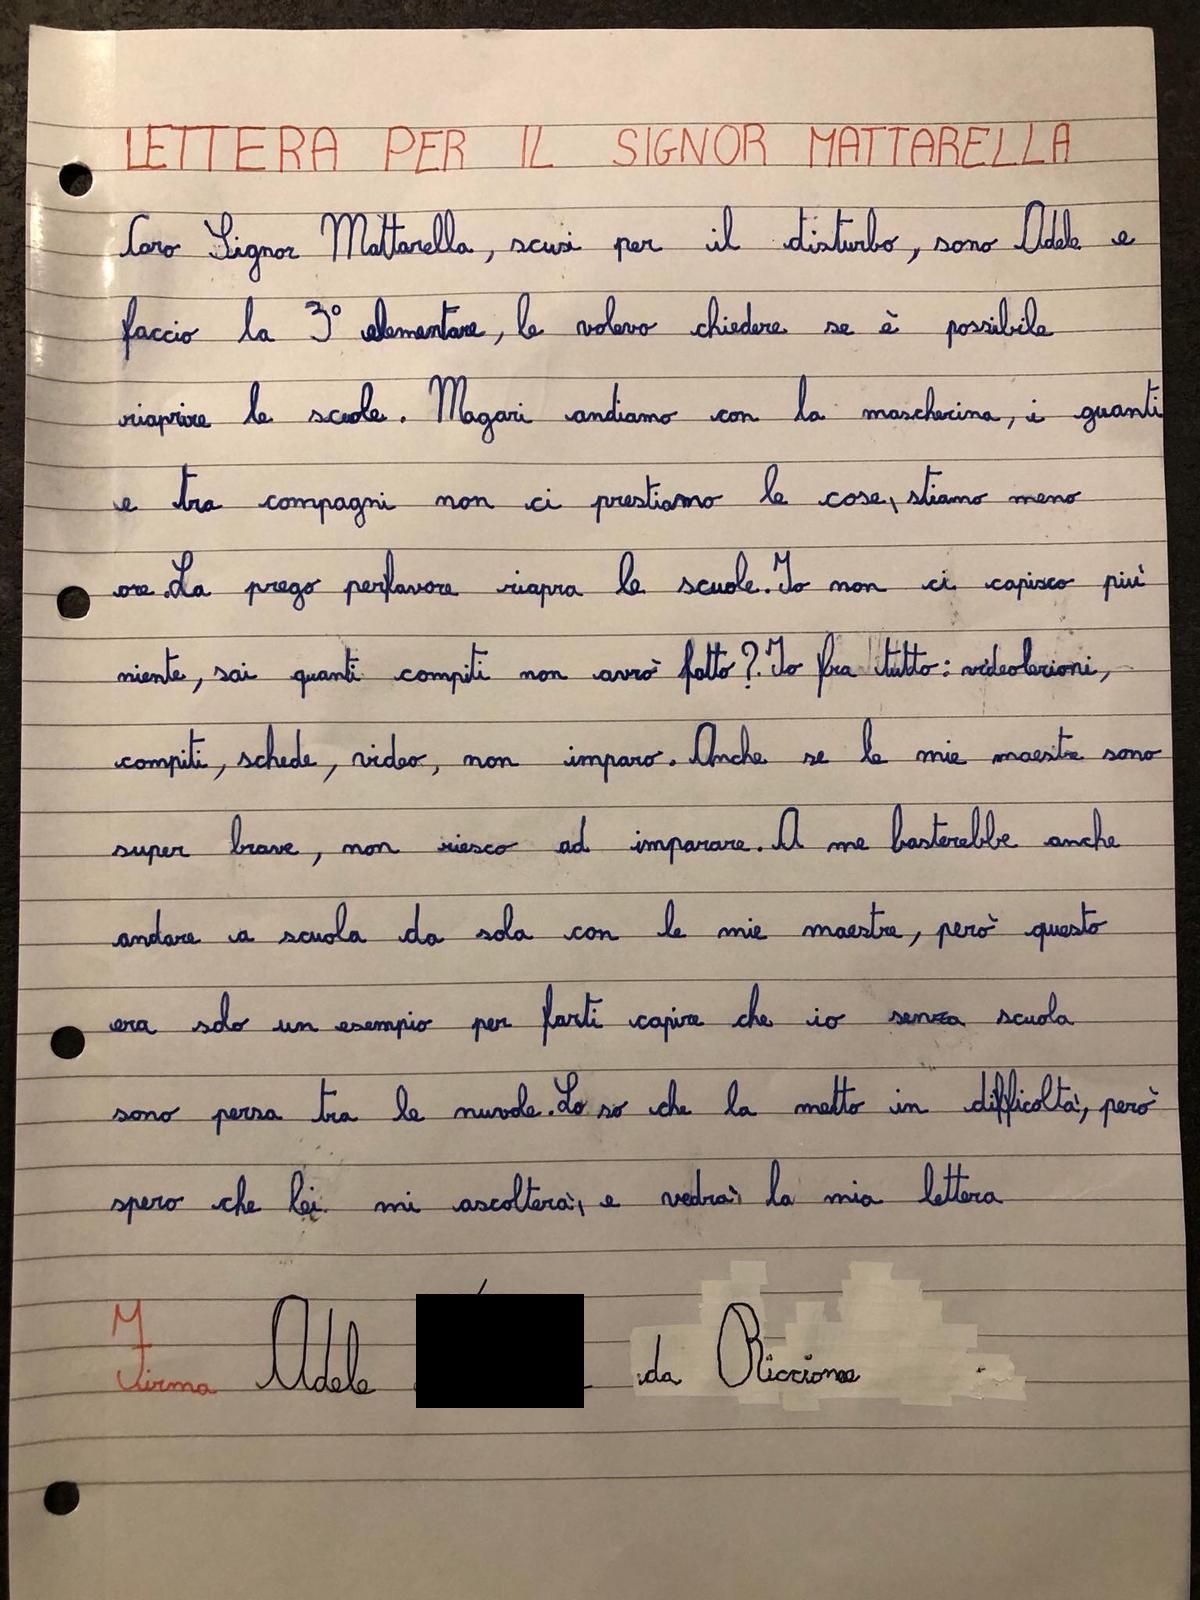 La lettera di Adele